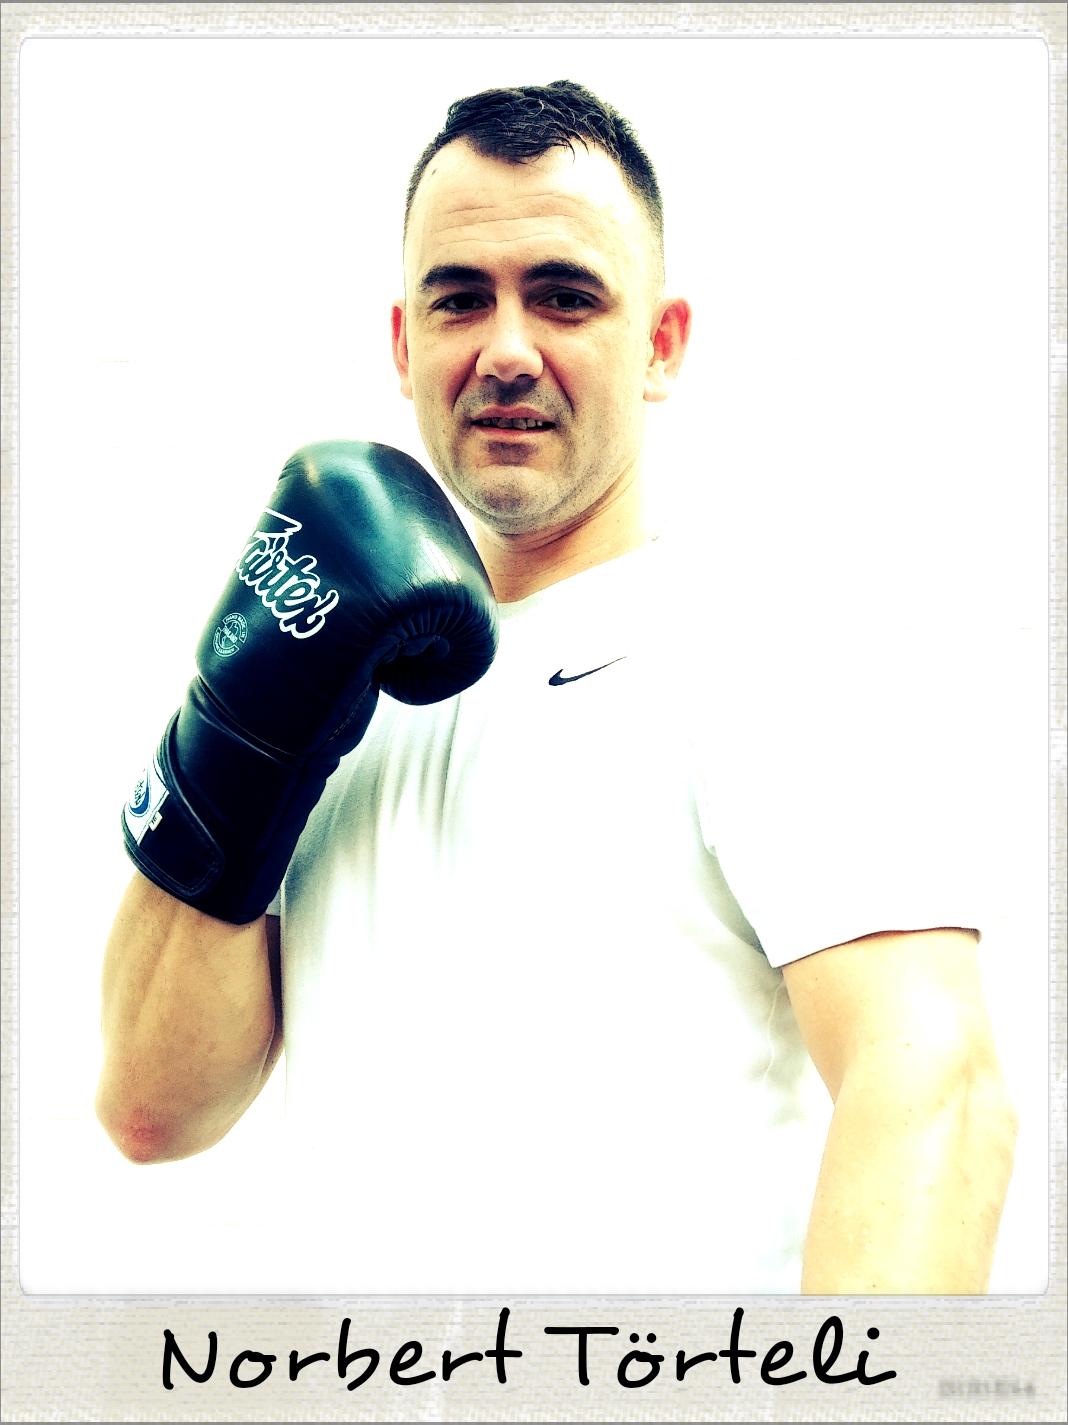 POLAROID - NAAM - Norbert Törteli WOONPLAATS - Almelo PROFESSIE - Lasser DISCIPLINE - Boksen en Box Bag Workout Norbert Törteli komt uit Hongarije, waar hij in het nationaal boksteam zat. Daarom koos hij ook om te boksen bij Boxing Almelo (het boksteam van Scorpio Gym). Hij is voor Boxing Almelo in 2017 nog uitgekomen in een officiële bokswedstrijd van de Koninklijke Nederlandse Boksbond. De Box Bag Workout is voor Norbert ook een favoriet onderdeel. Hij gebruikt daarbij zelfs ook zijn benen voor de lowkicks en dat doet hij heel verdienstelijk voor een bokser. Hoewel hij nog vaak naar familie in Hongarije op bezoek gaat is Scorpio Gym toch